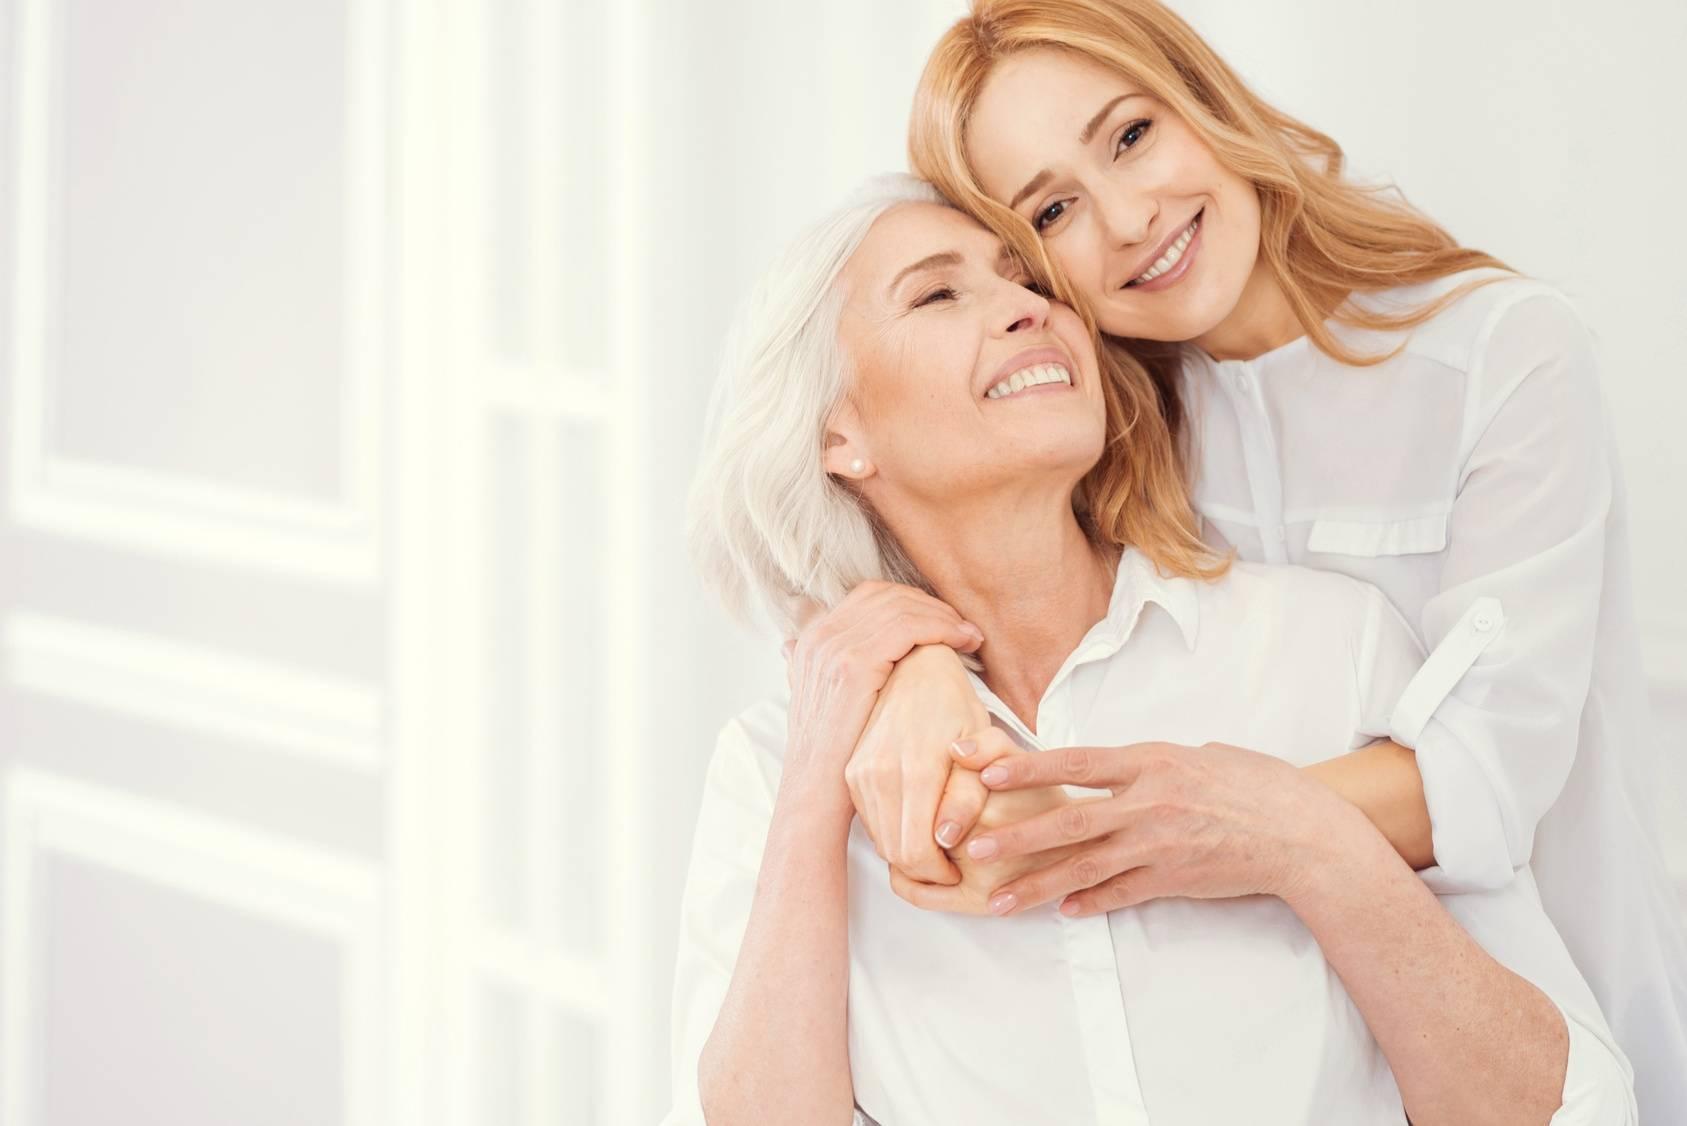 Matka i córka - jak ułożyć wzajemną relację?